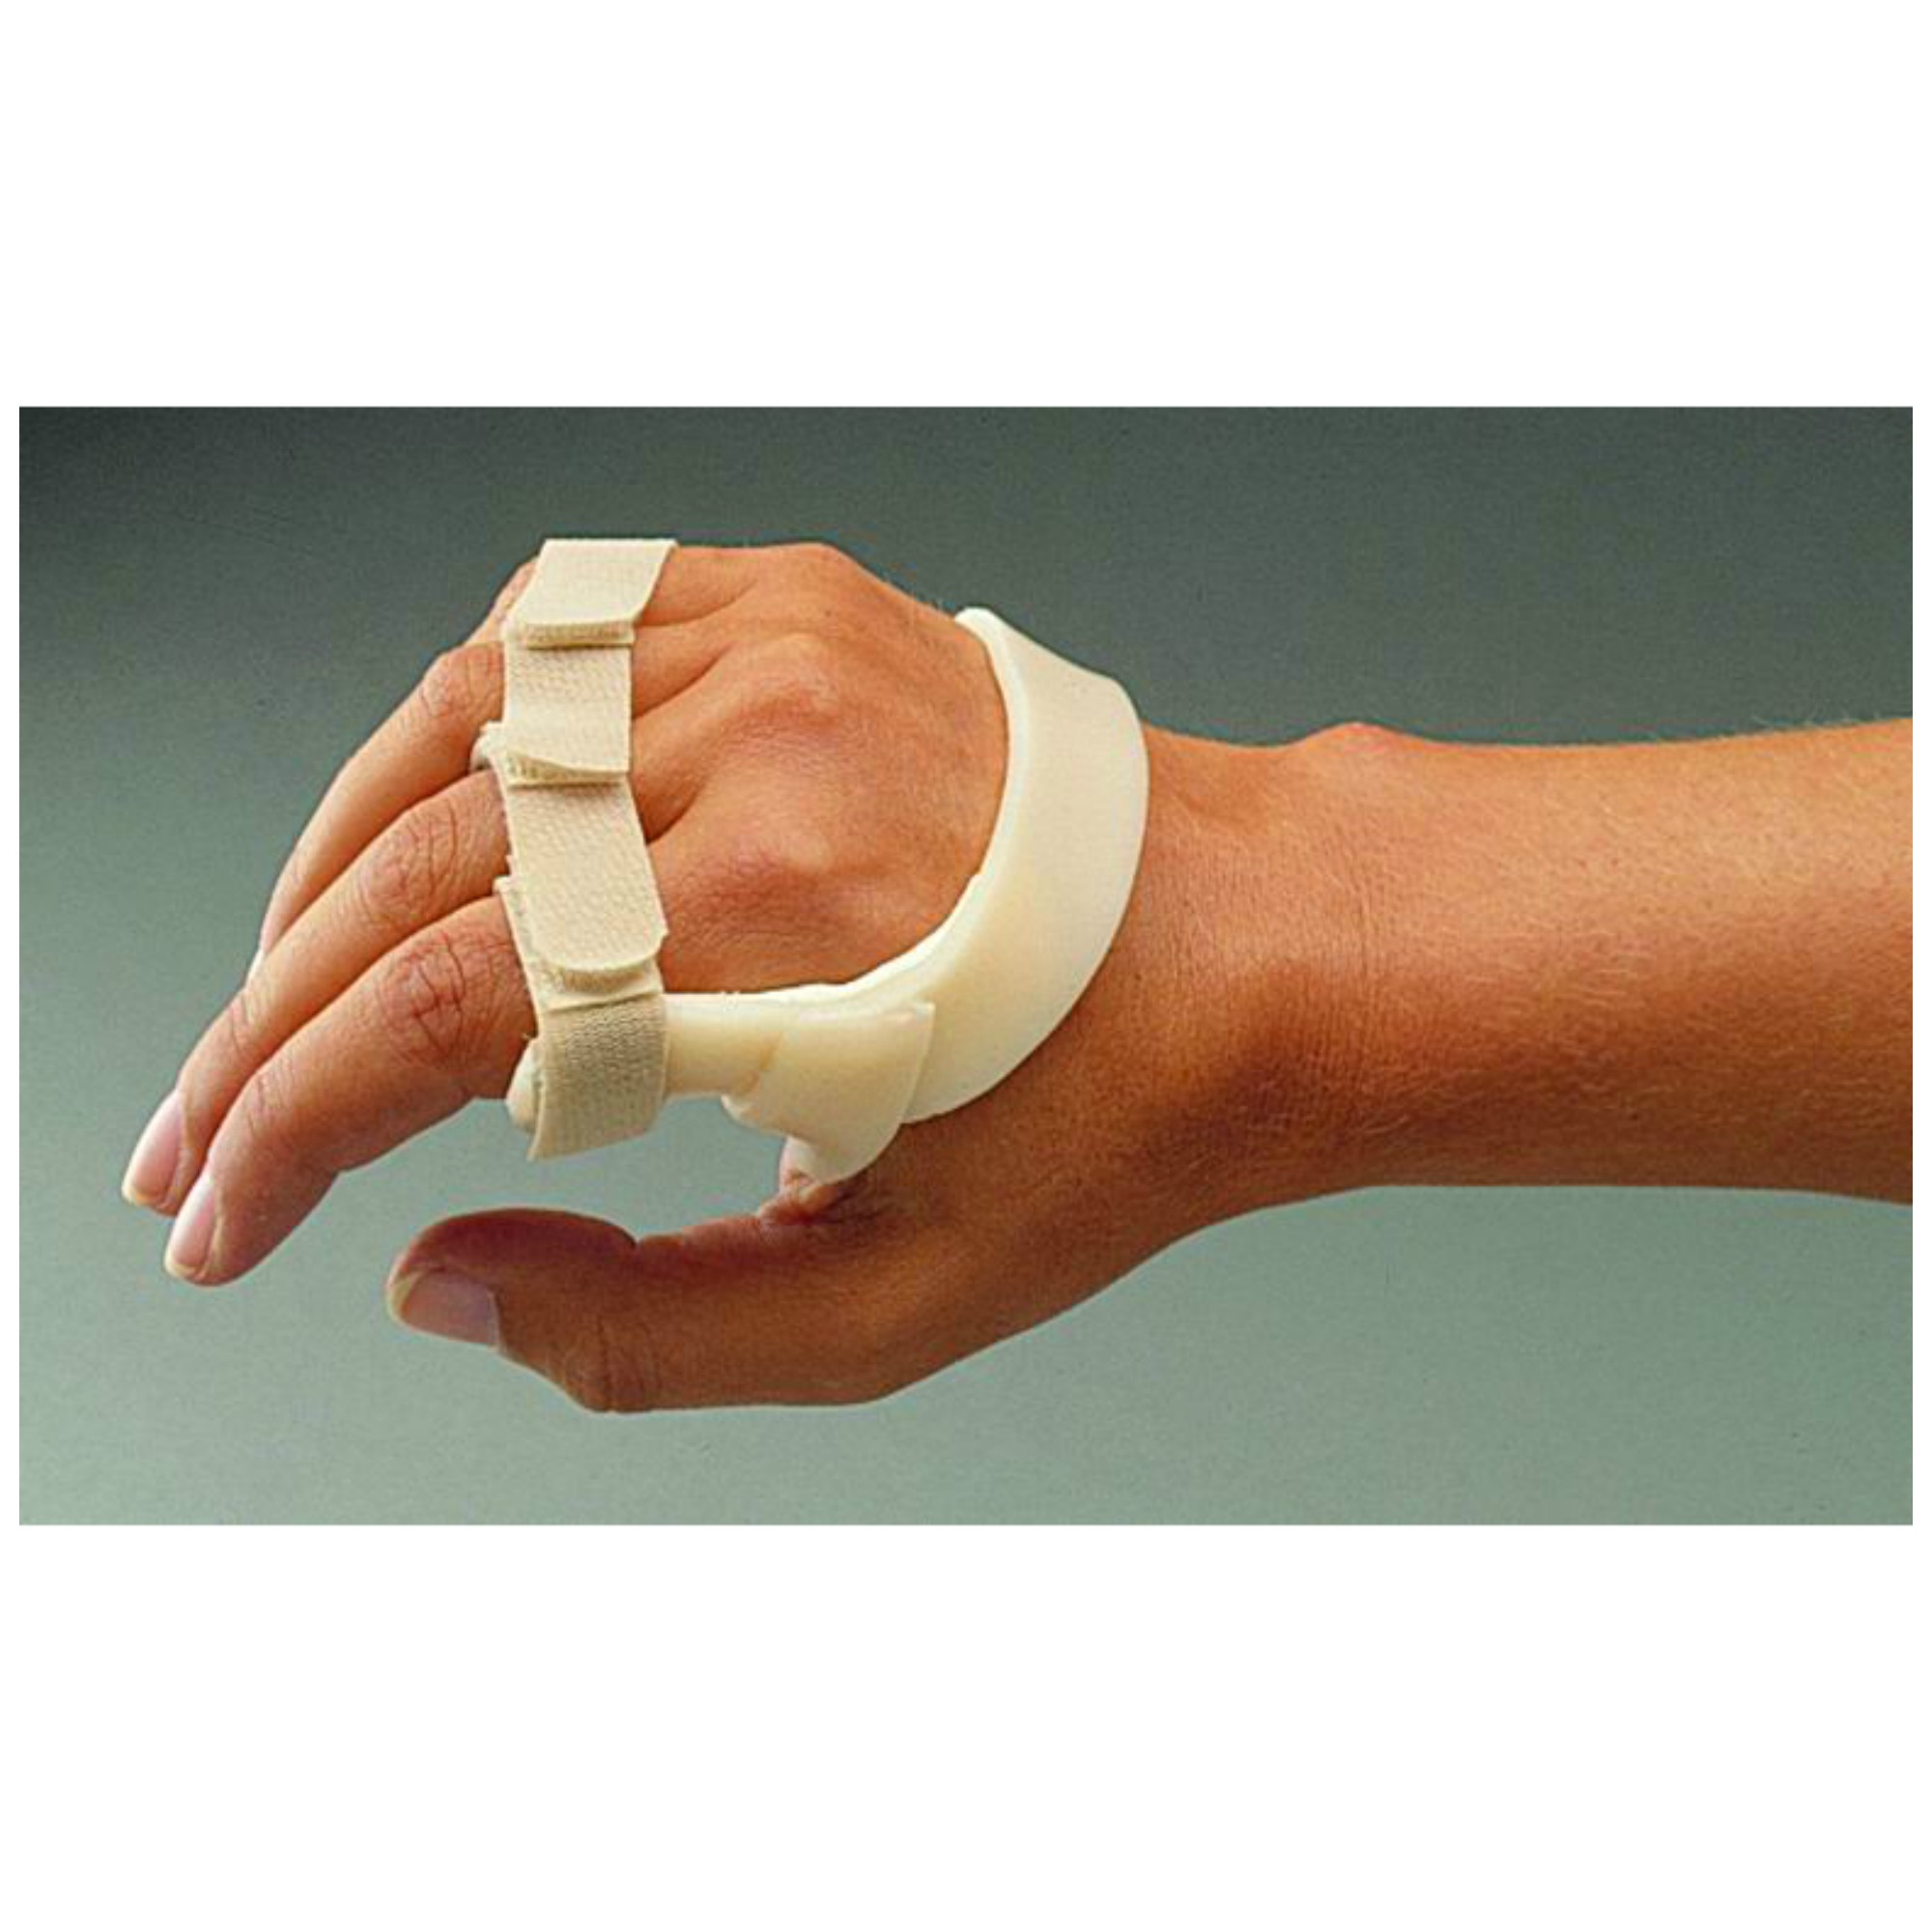 hidegrázás ízületi fájdalom láz nélkül keringési rendellenességek a térdízületek kezelésében